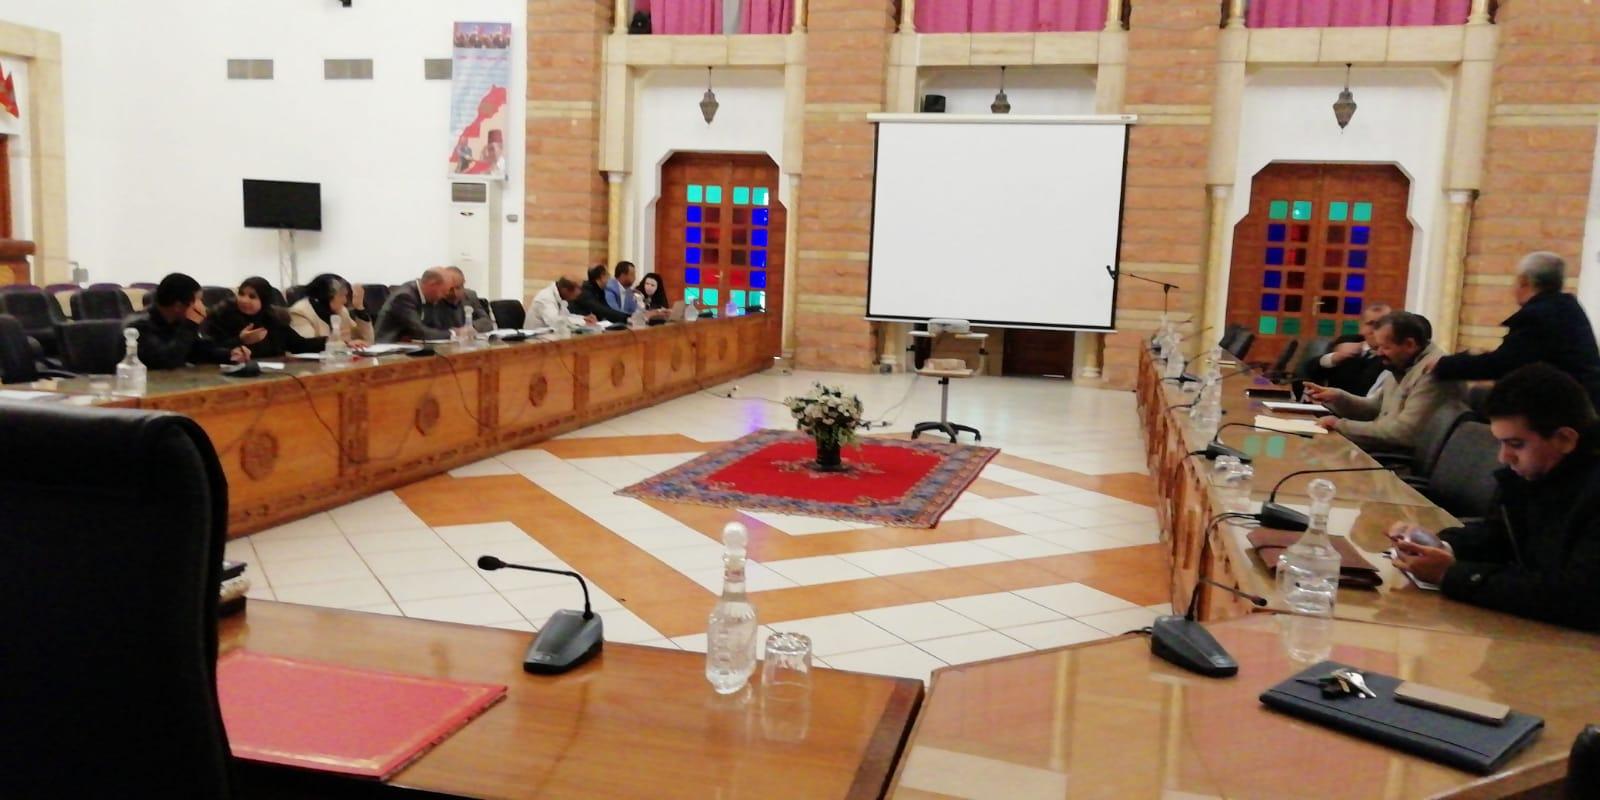 El Departamento De Seguridad Ambiental Realiza Una Campaña De Consultas Públicas En Marruecos